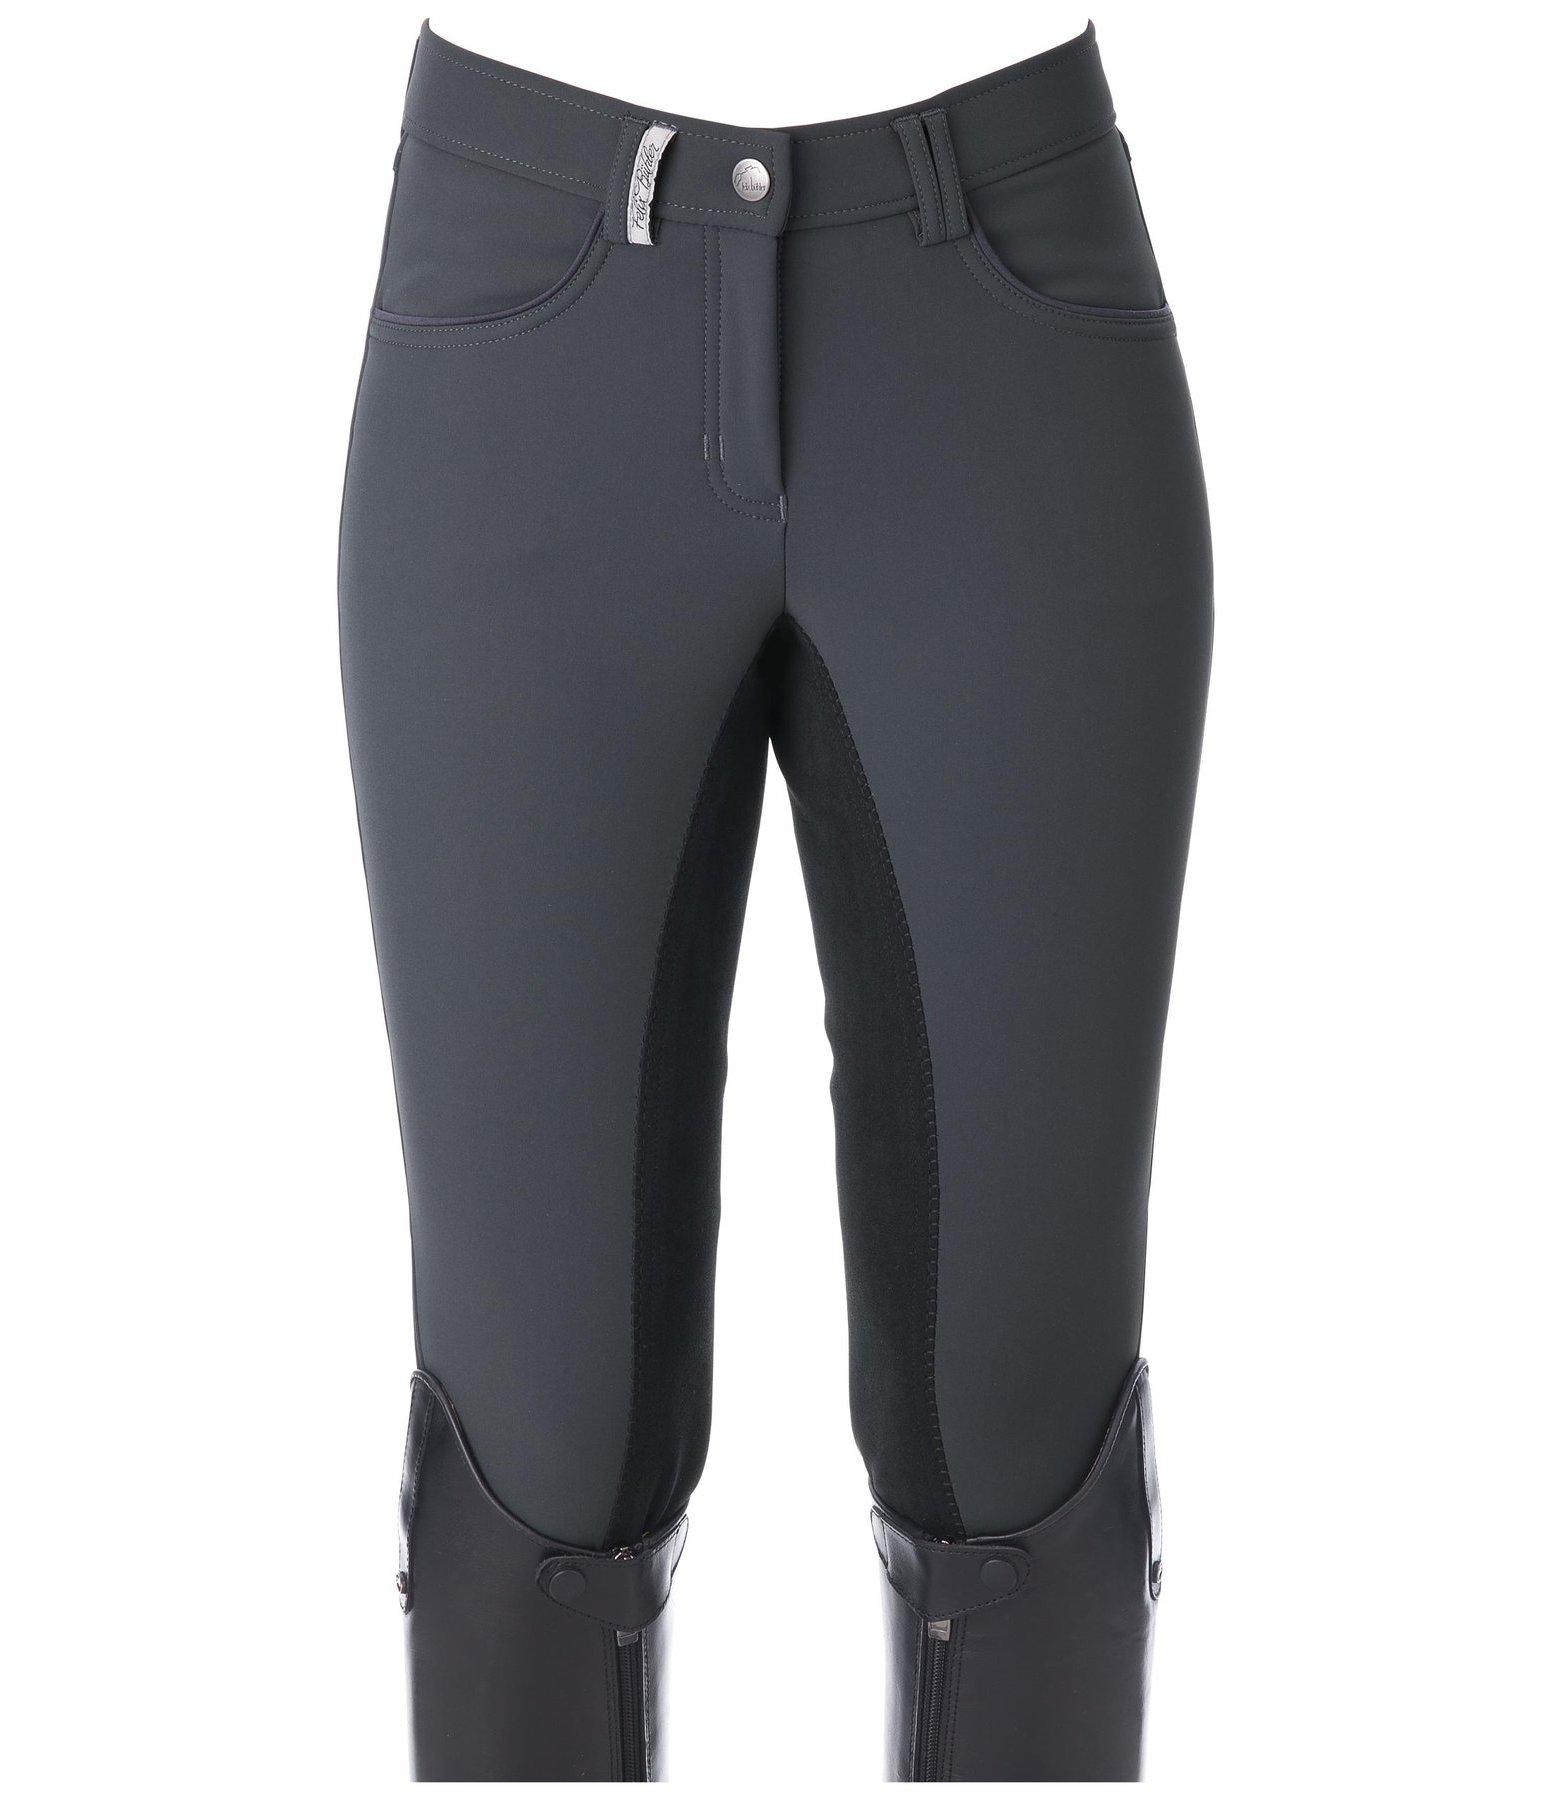 Culotte d équitation softshell Victoria - Culottes à fond intégral ... 34e400129e53